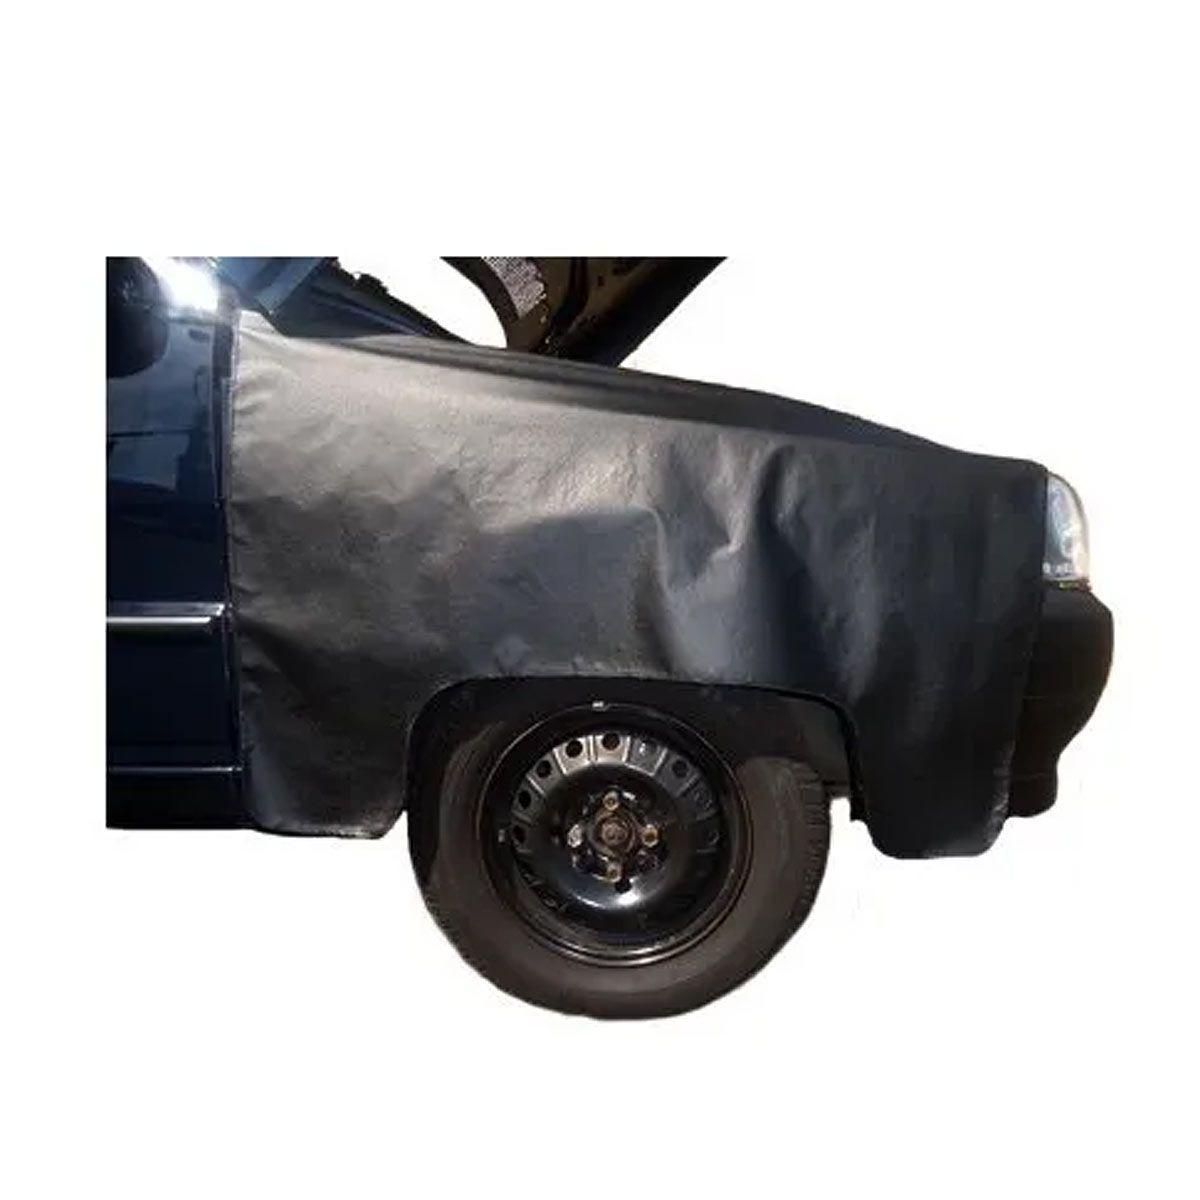 Capa Carro Proteção Lateral Para Mecânico - Kit Com 2 Capas